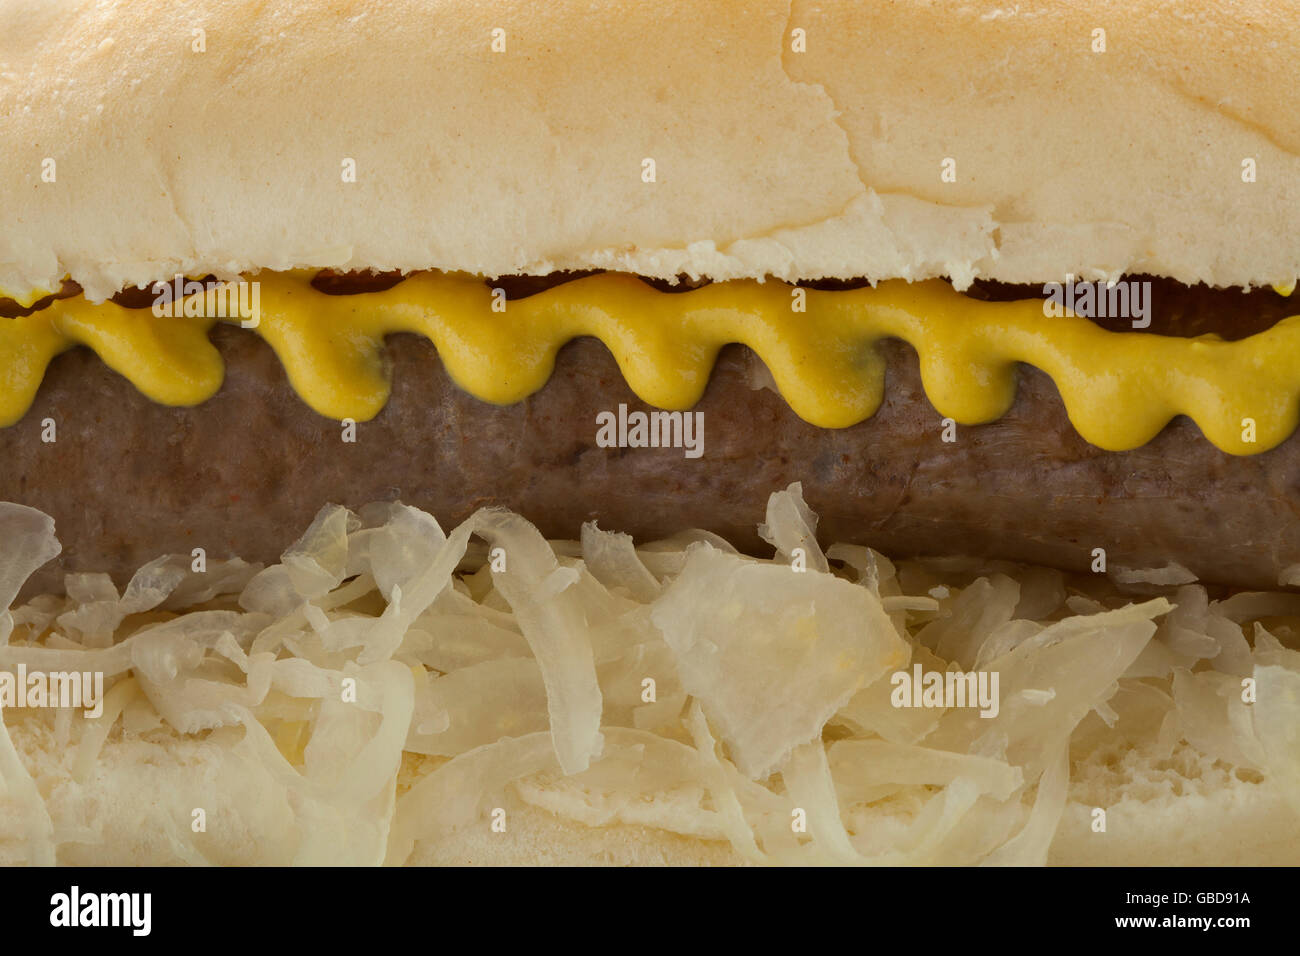 Bun bianco con i crauti, salsiccia e senape close up Foto Stock